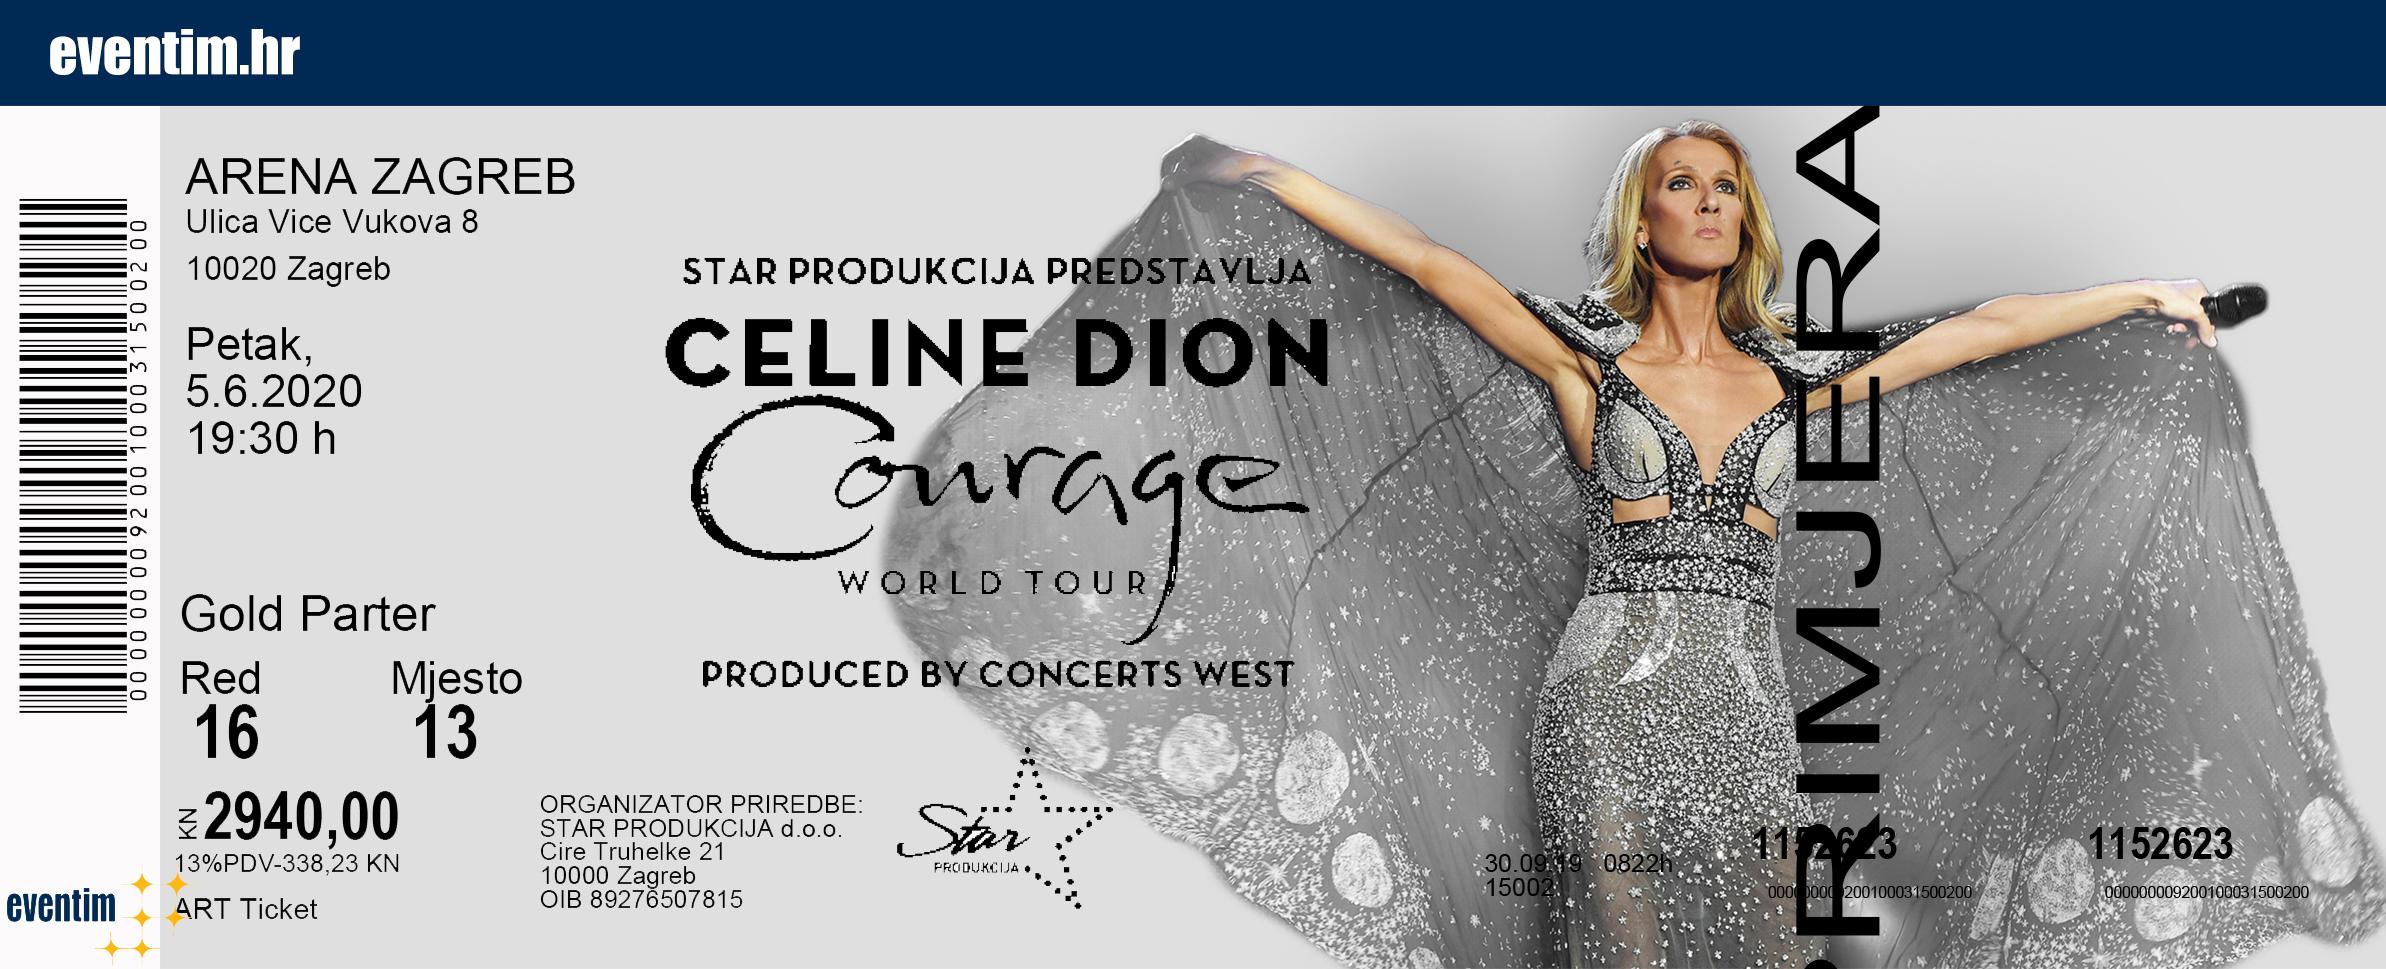 Kupite Vstopnice Za Celine Dion Na Petrol Ticket